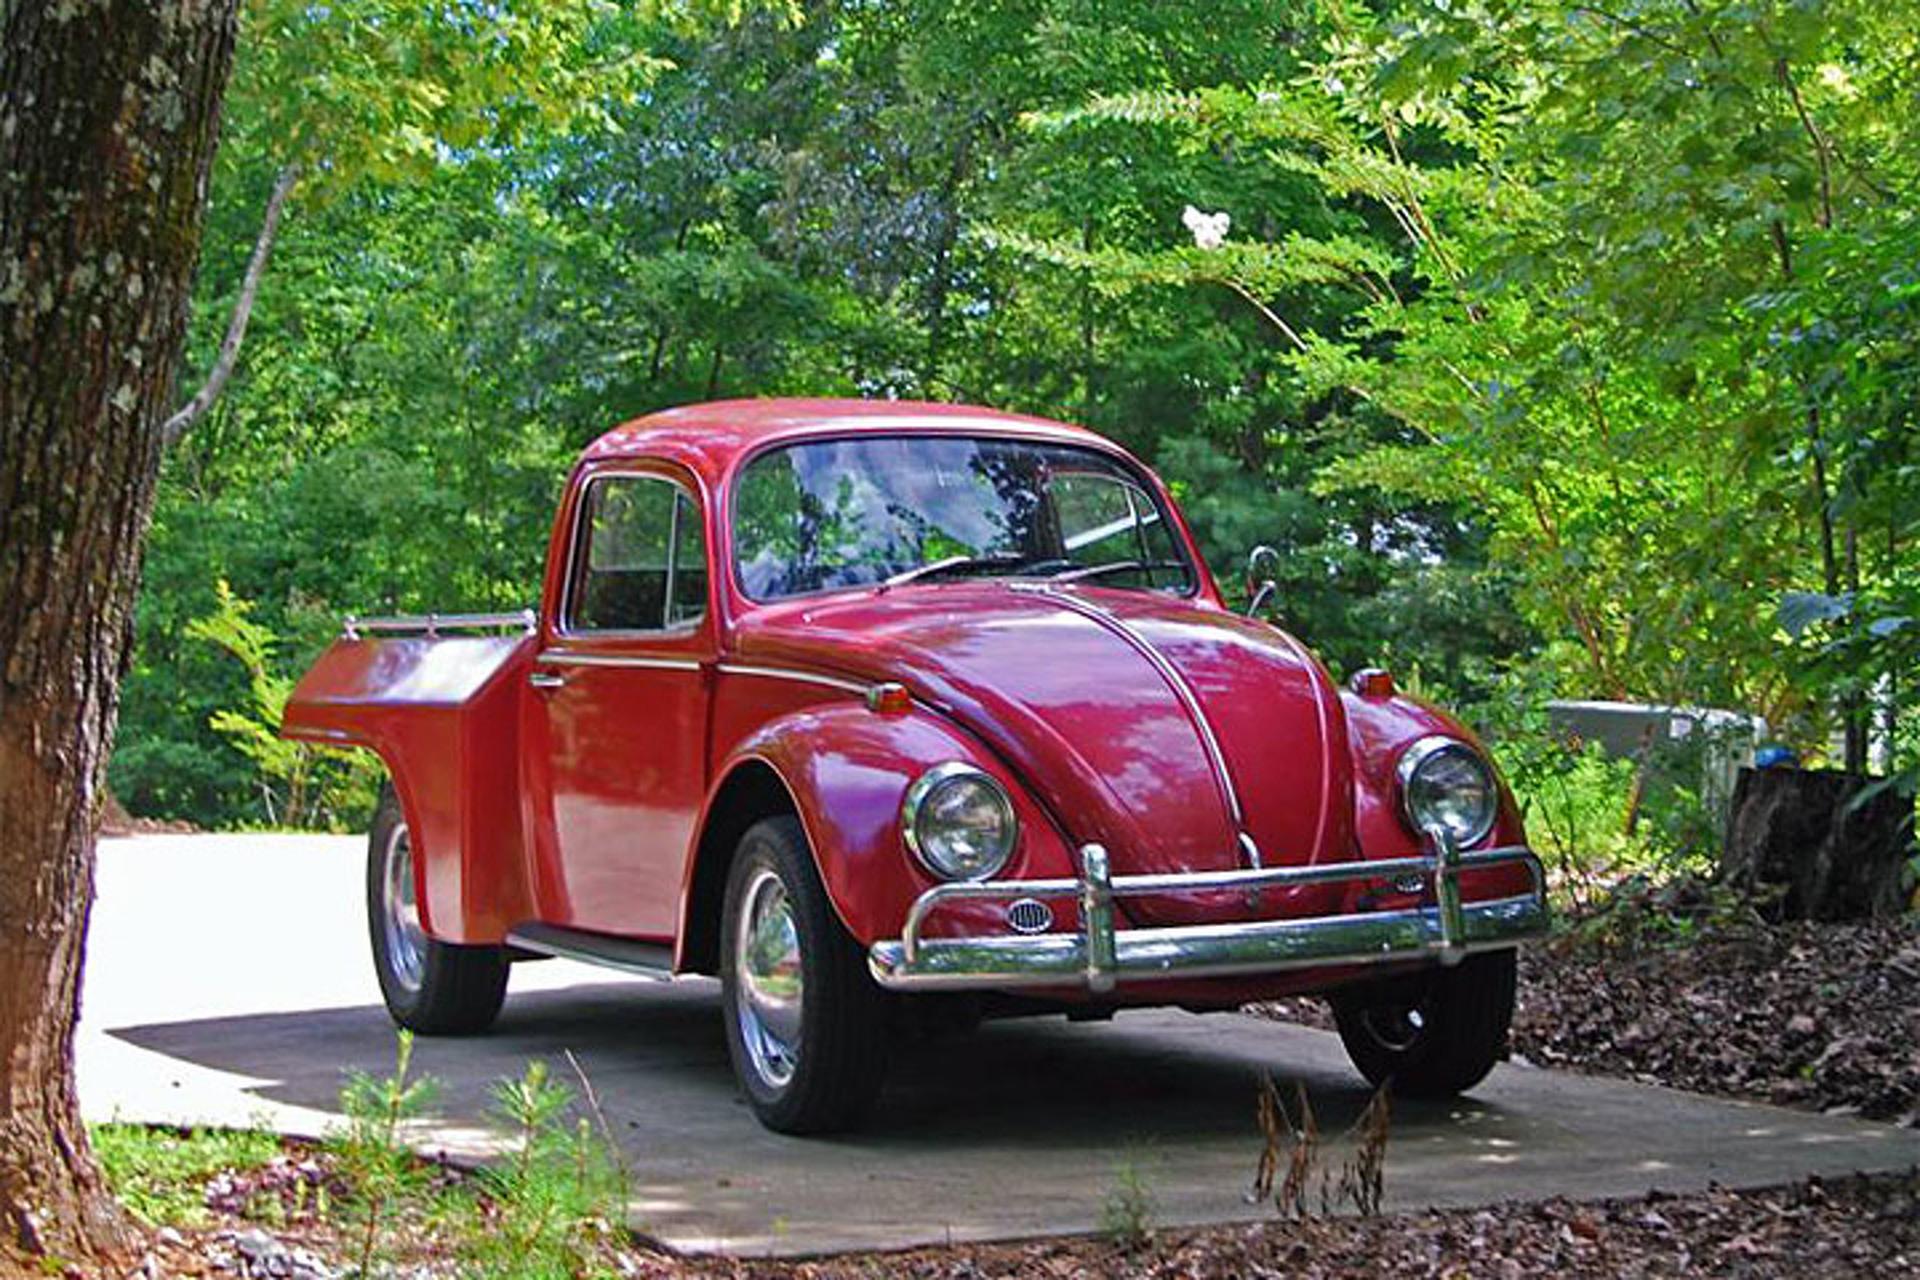 3. VW Beetle Truck